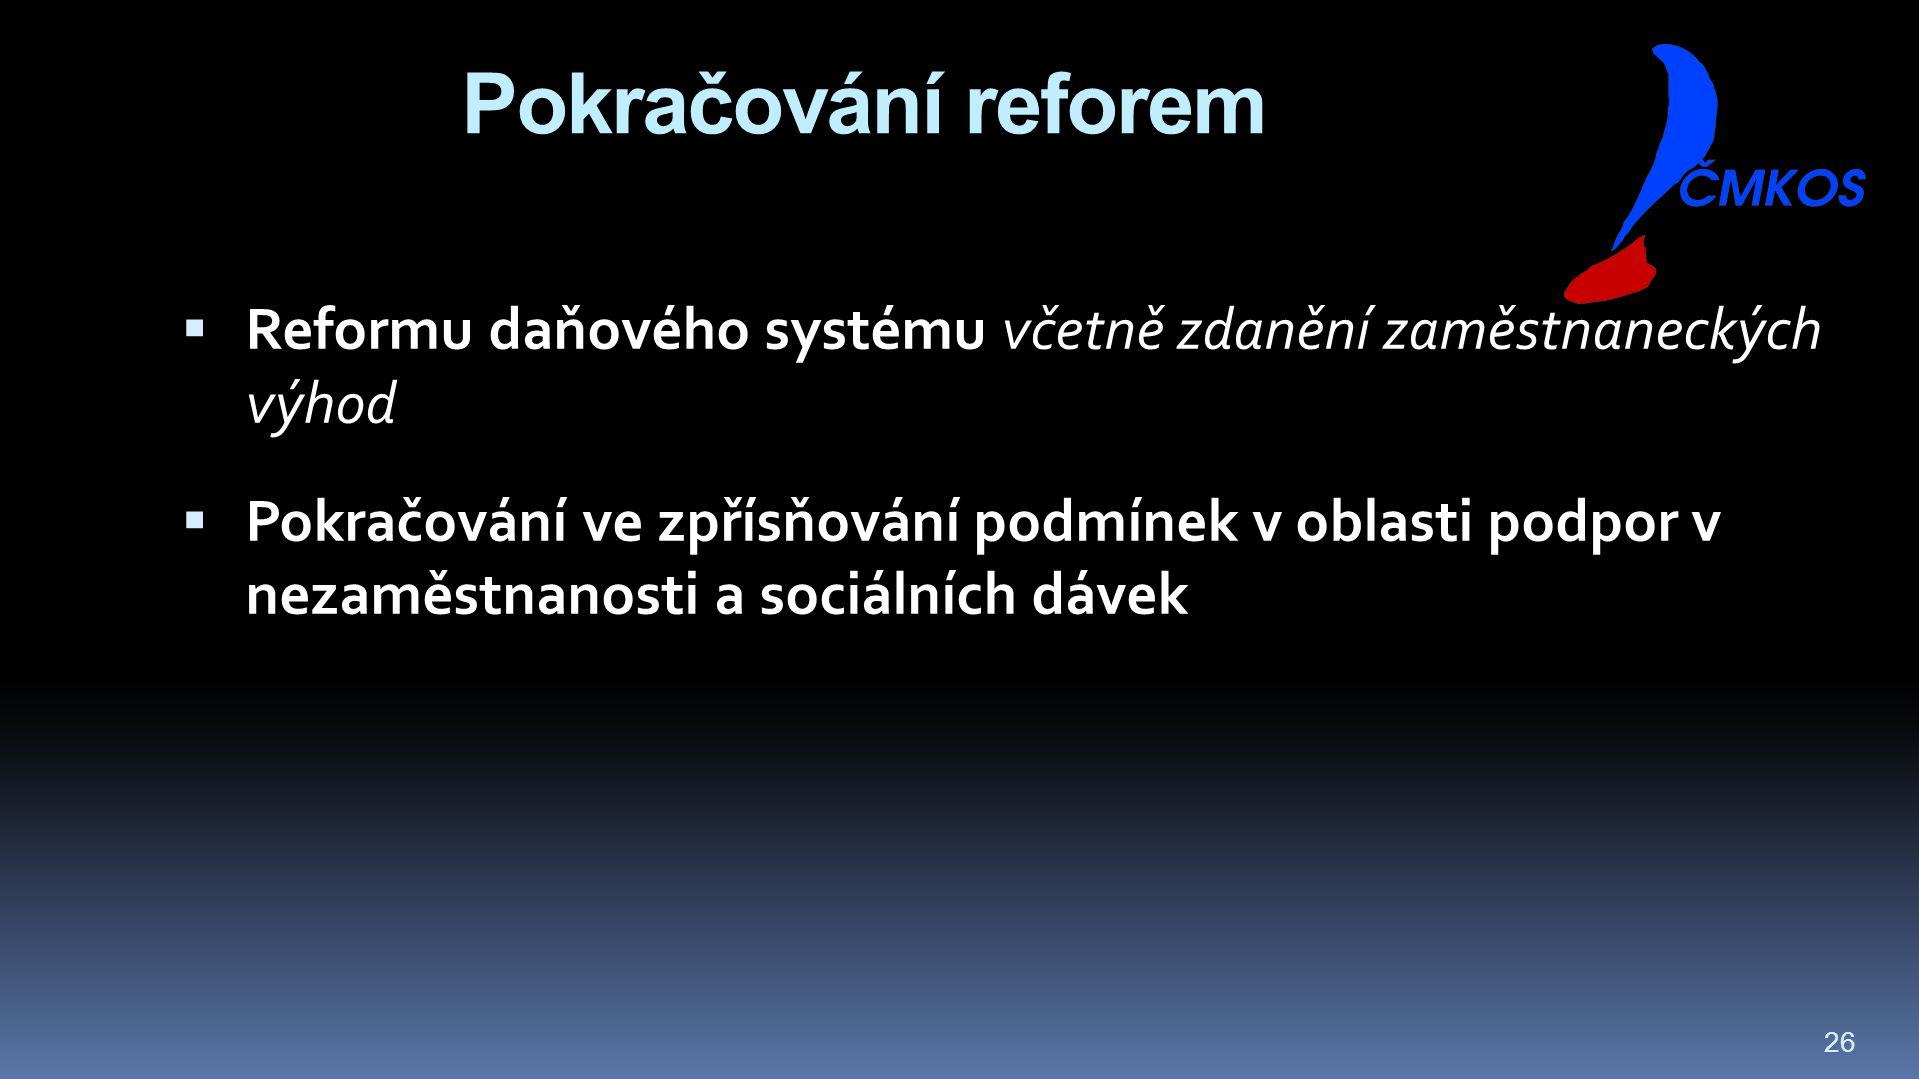 26 Pokračování reforem  Reformu daňového systému včetně zdanění zaměstnaneckých výhod  Pokračování ve zpřísňování podmínek v oblasti podpor v nezaměstnanosti a sociálních dávek